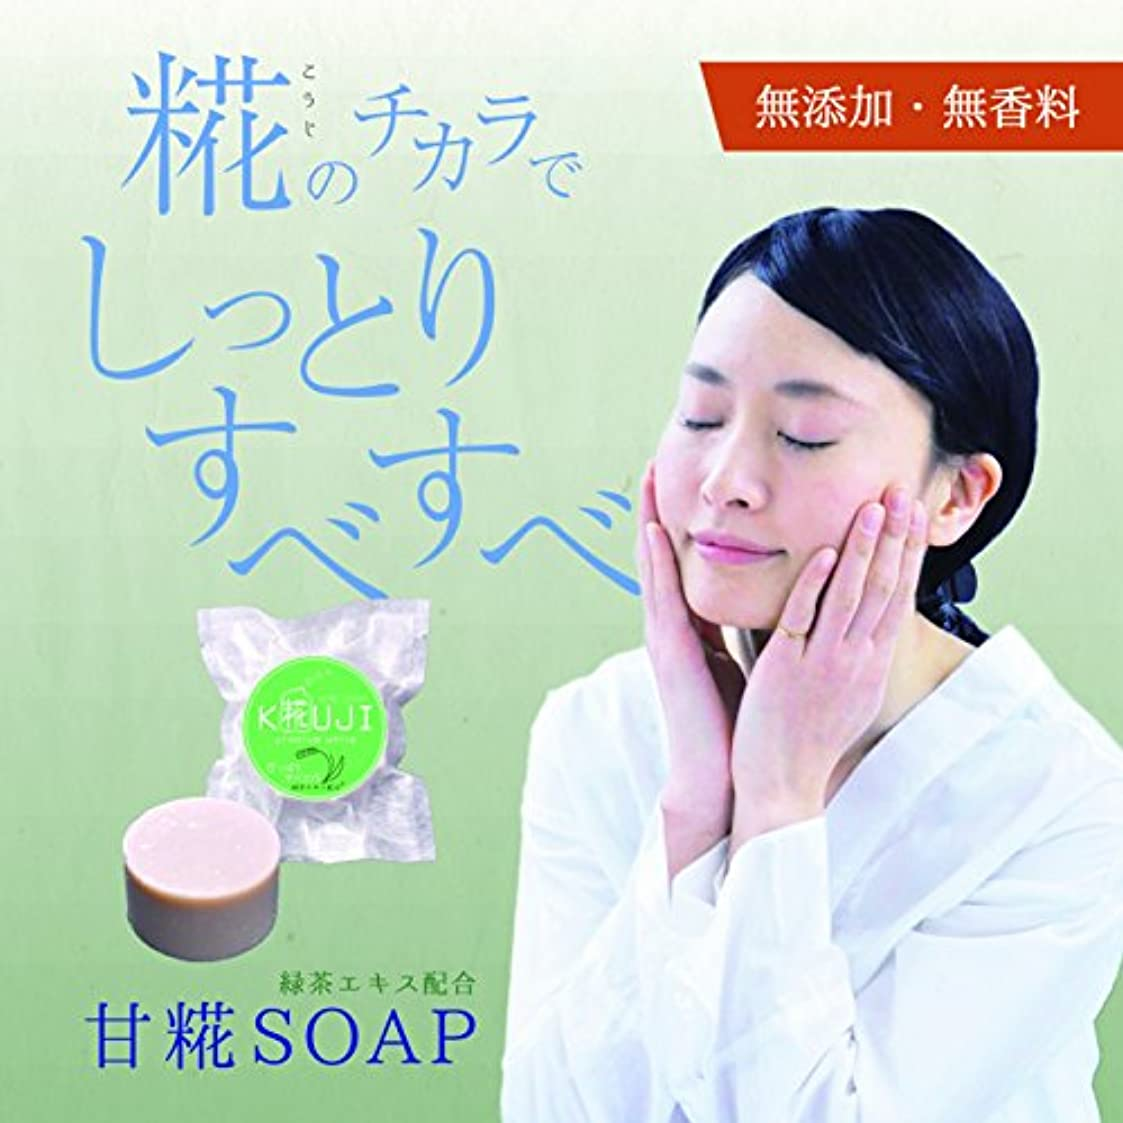 パスタクレタ暴君甘糀SOAP(プレミアムホワイト)